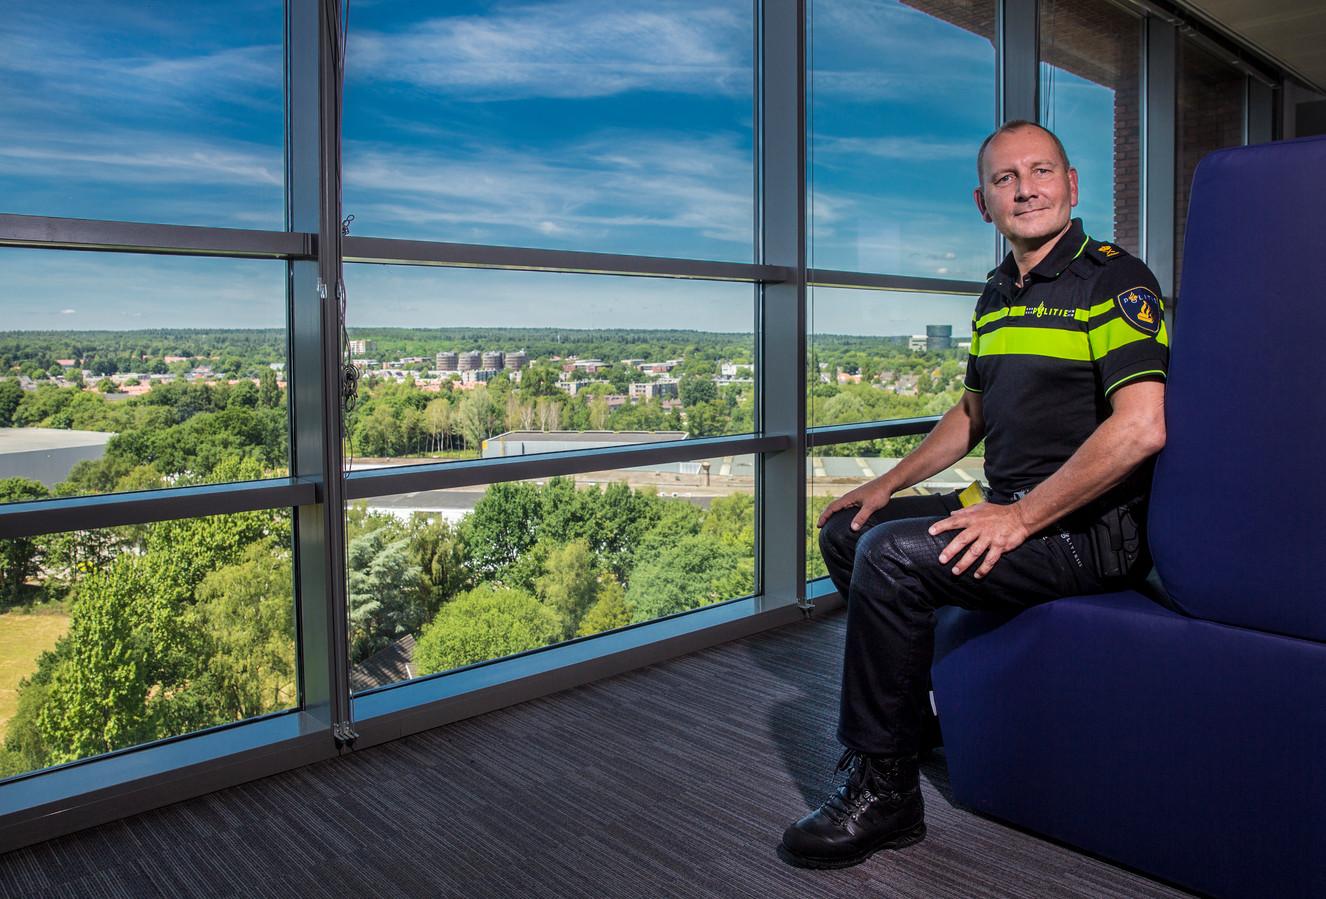 De hoogste baas van politie Oost Nederland: Pim Miltenburg.